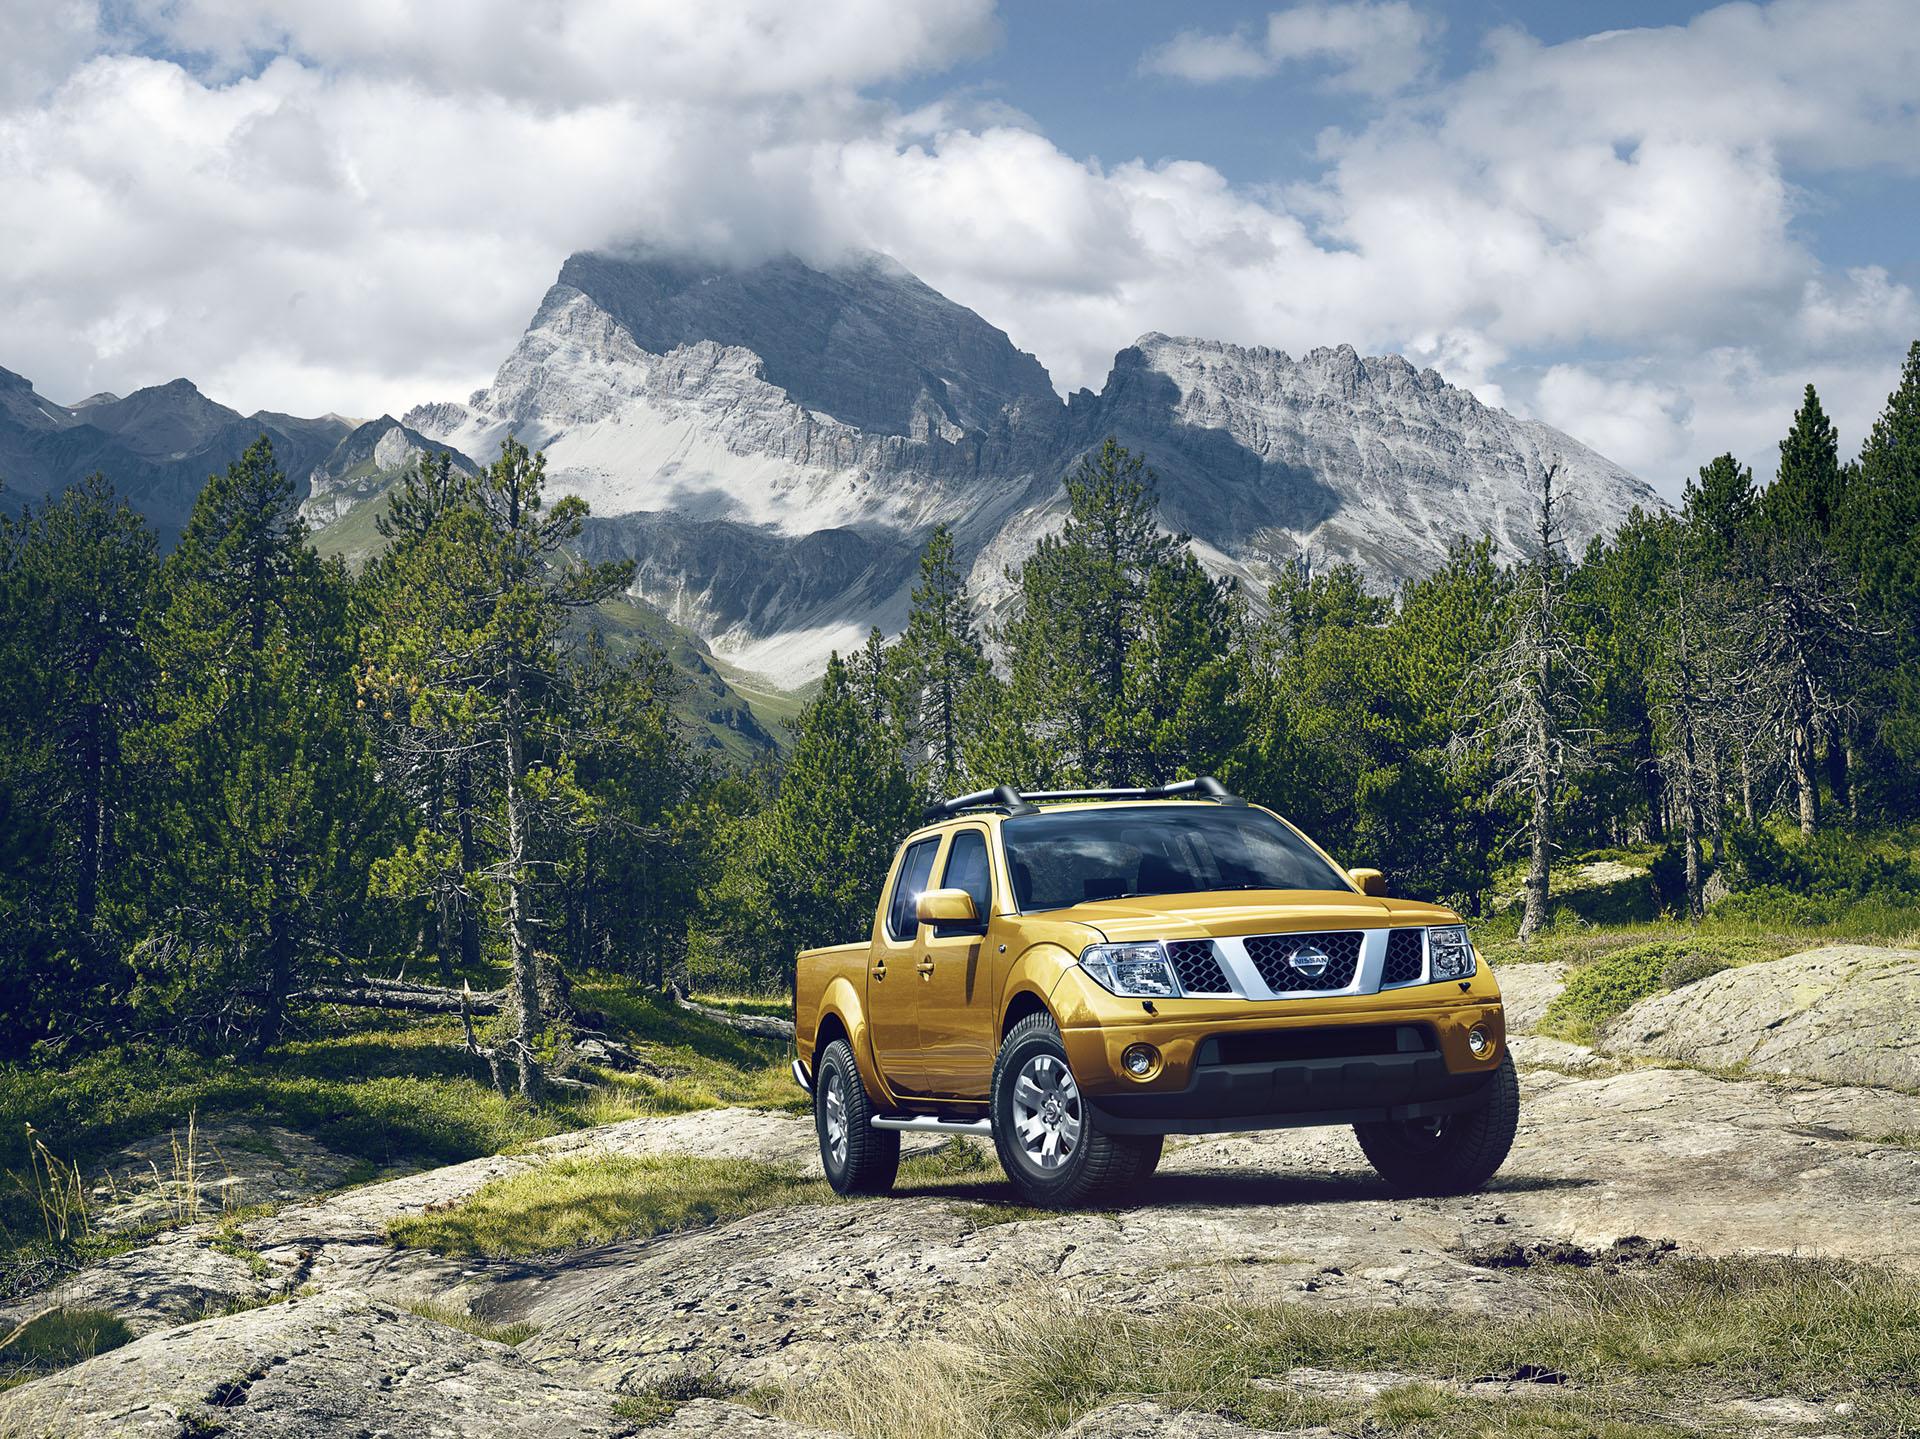 Nissan_Pathfinder.jpg